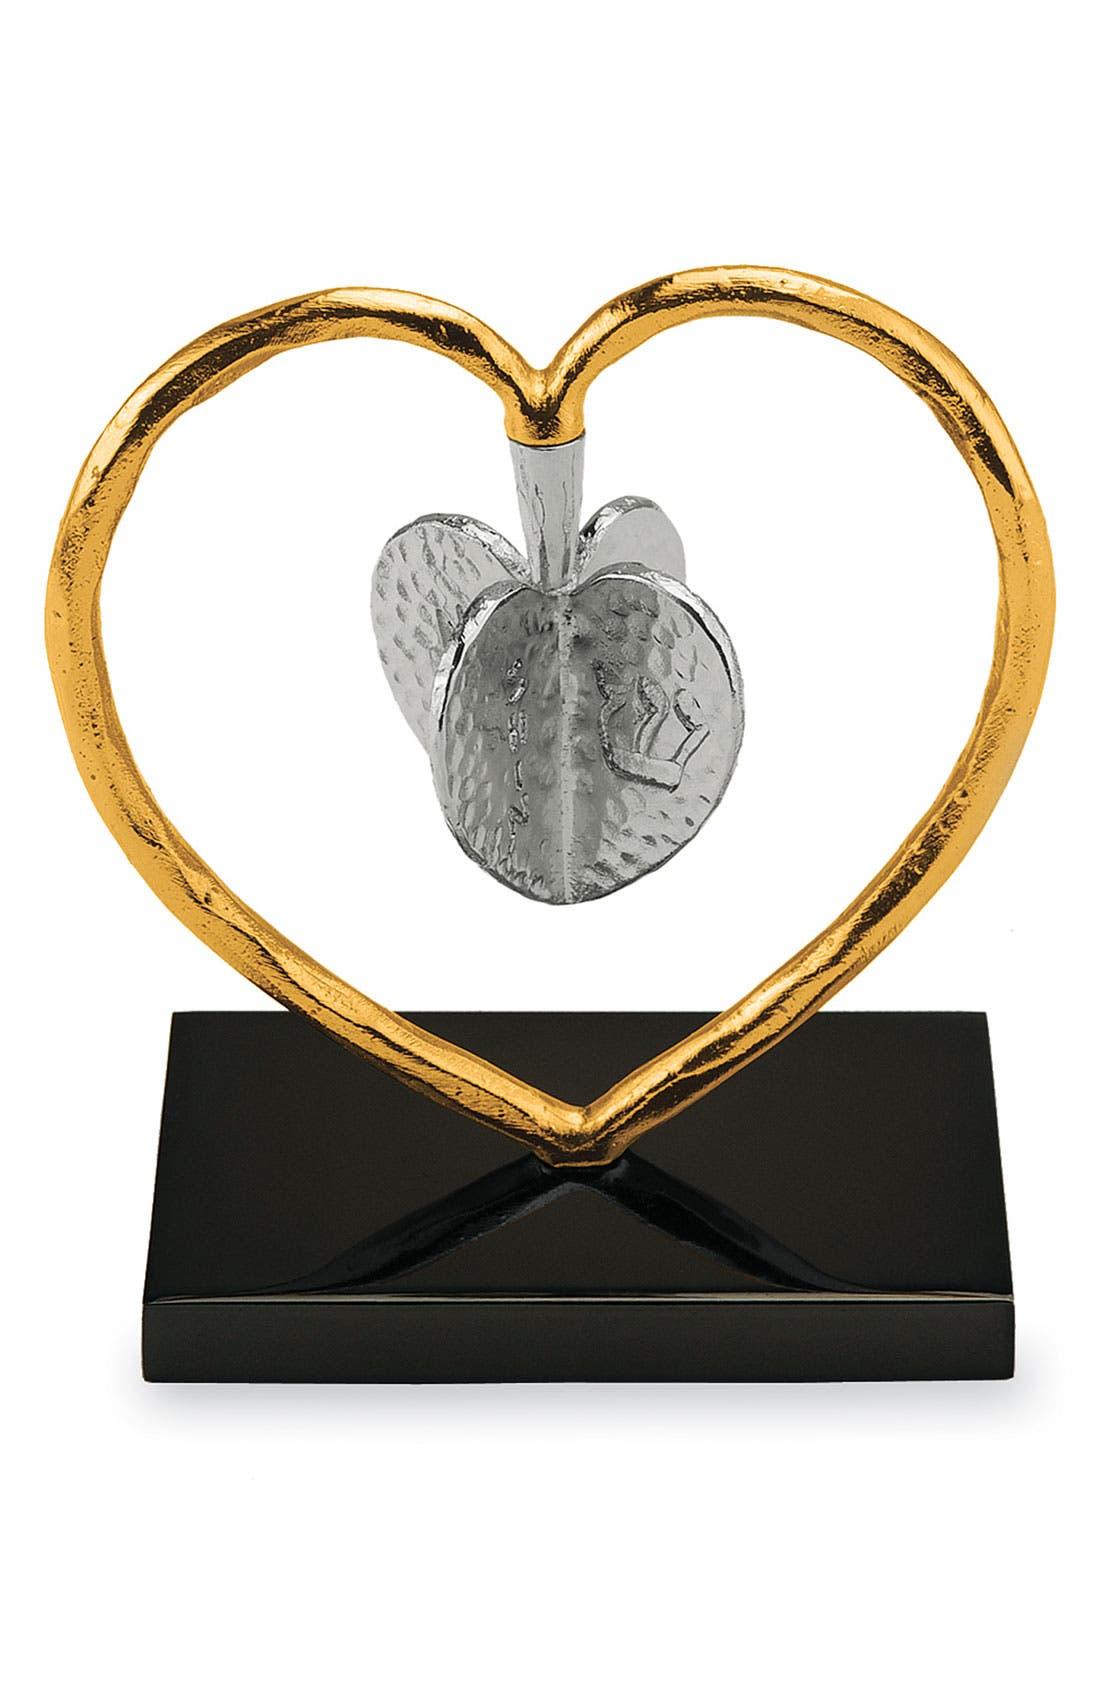 Michael Aram 'Heart to Heart' Dreidel Sculpture